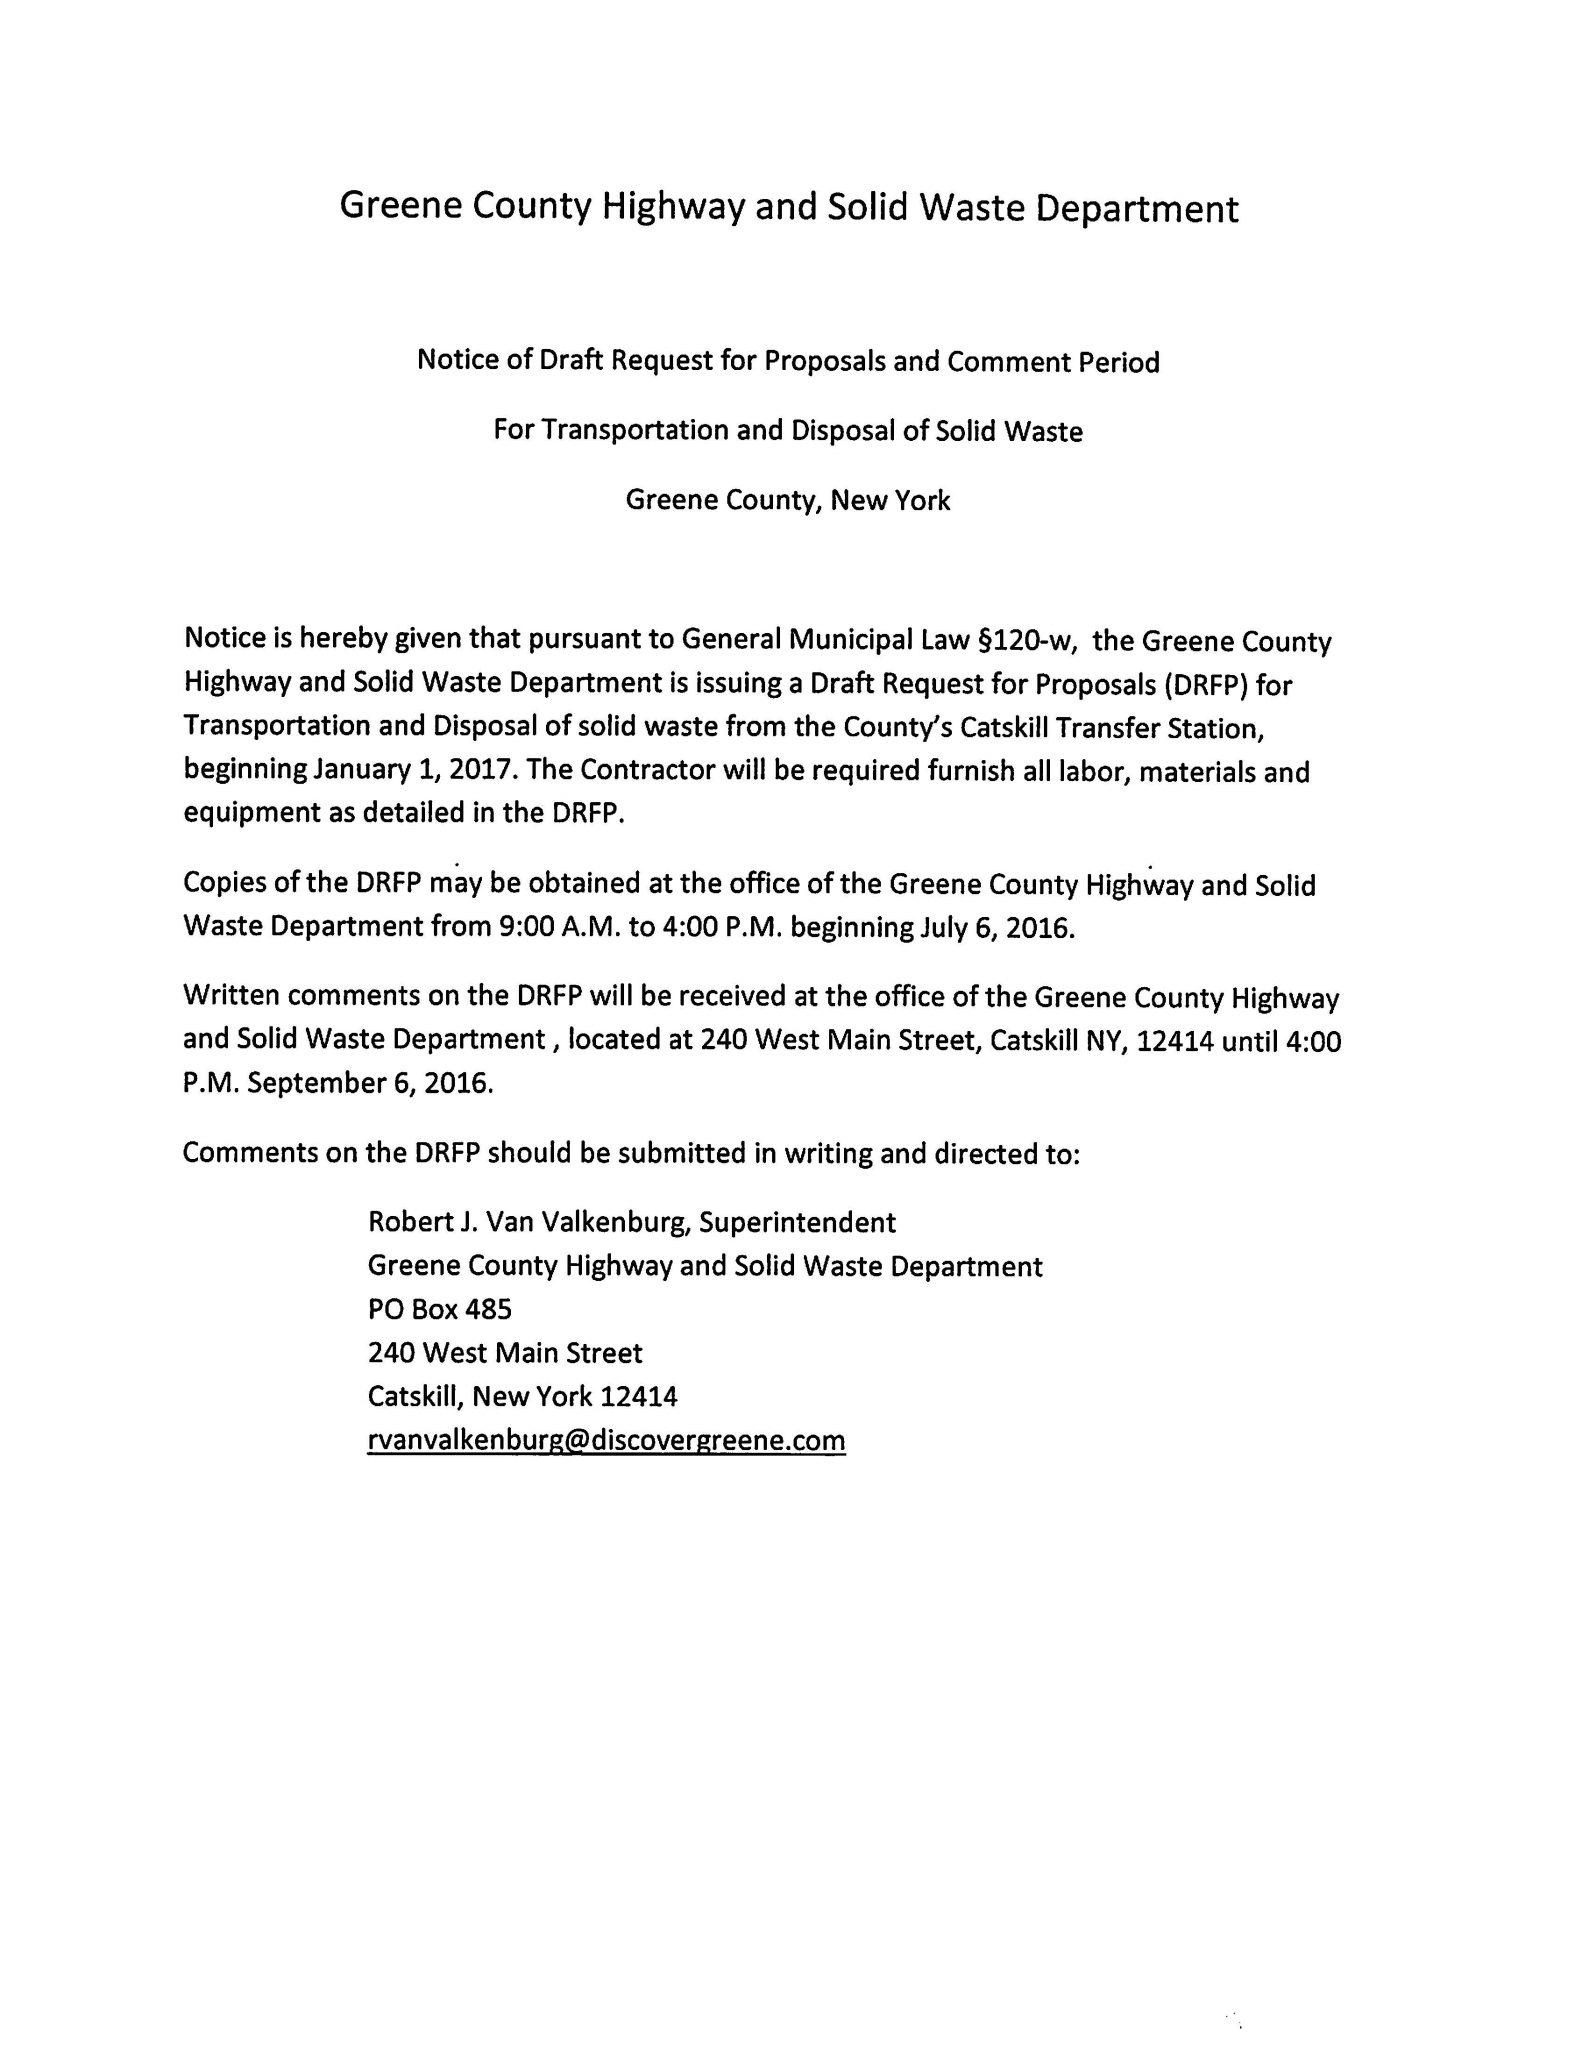 HSW Public Notice